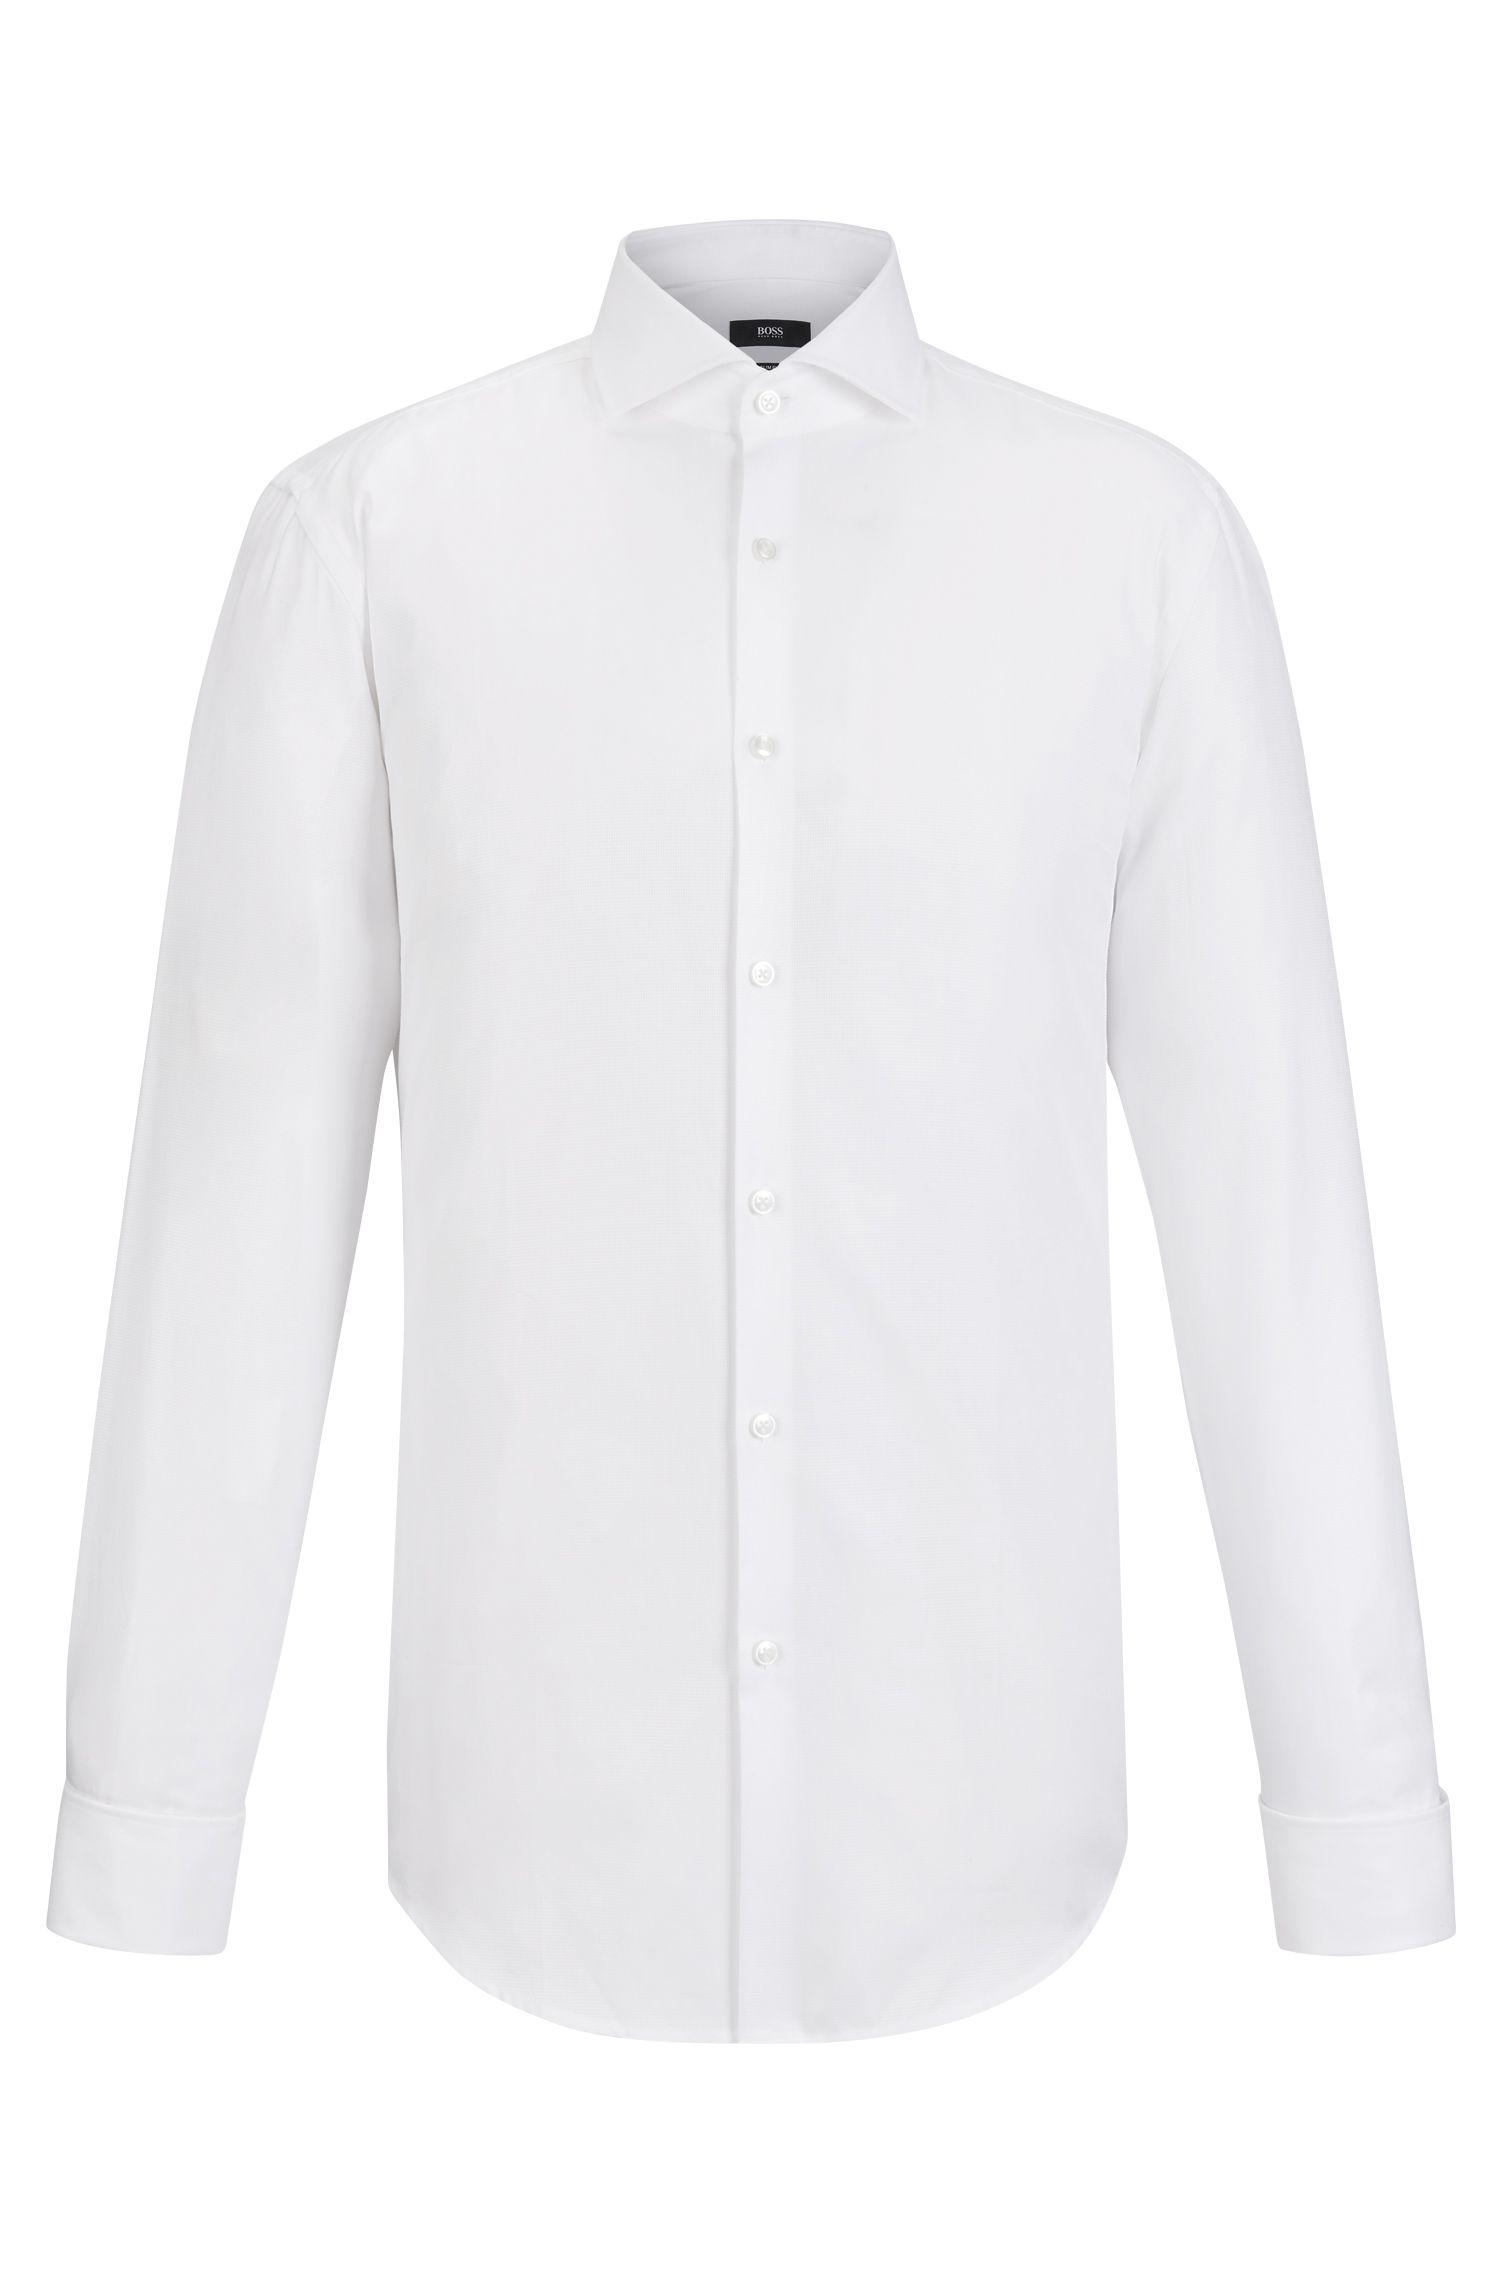 Cotton Dress Shirt, Slim Fit | Jaiden